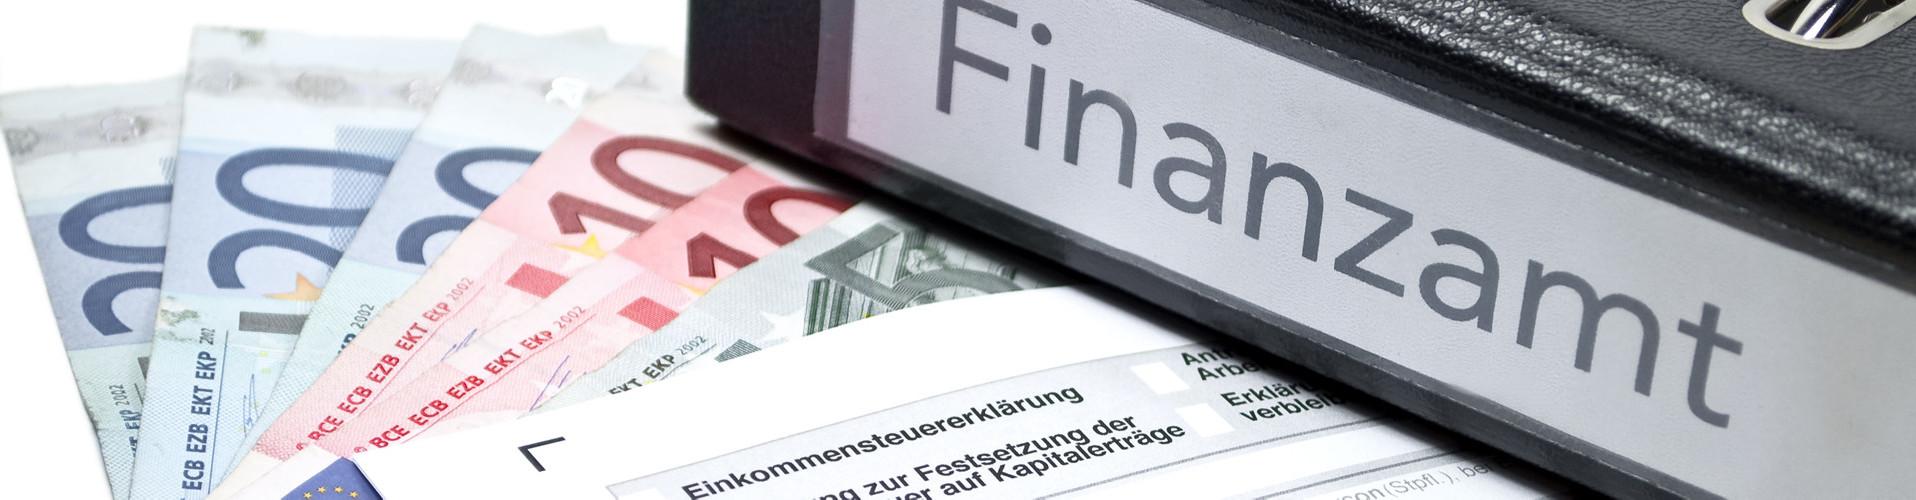 """Auf einem Tisch liegen Geld, eine Einkommensteuererklärung und ein Ordner mit der Aufschrift """"Finanzamt"""" © Stockwerk-Fotodesign, stock.adobe.com"""